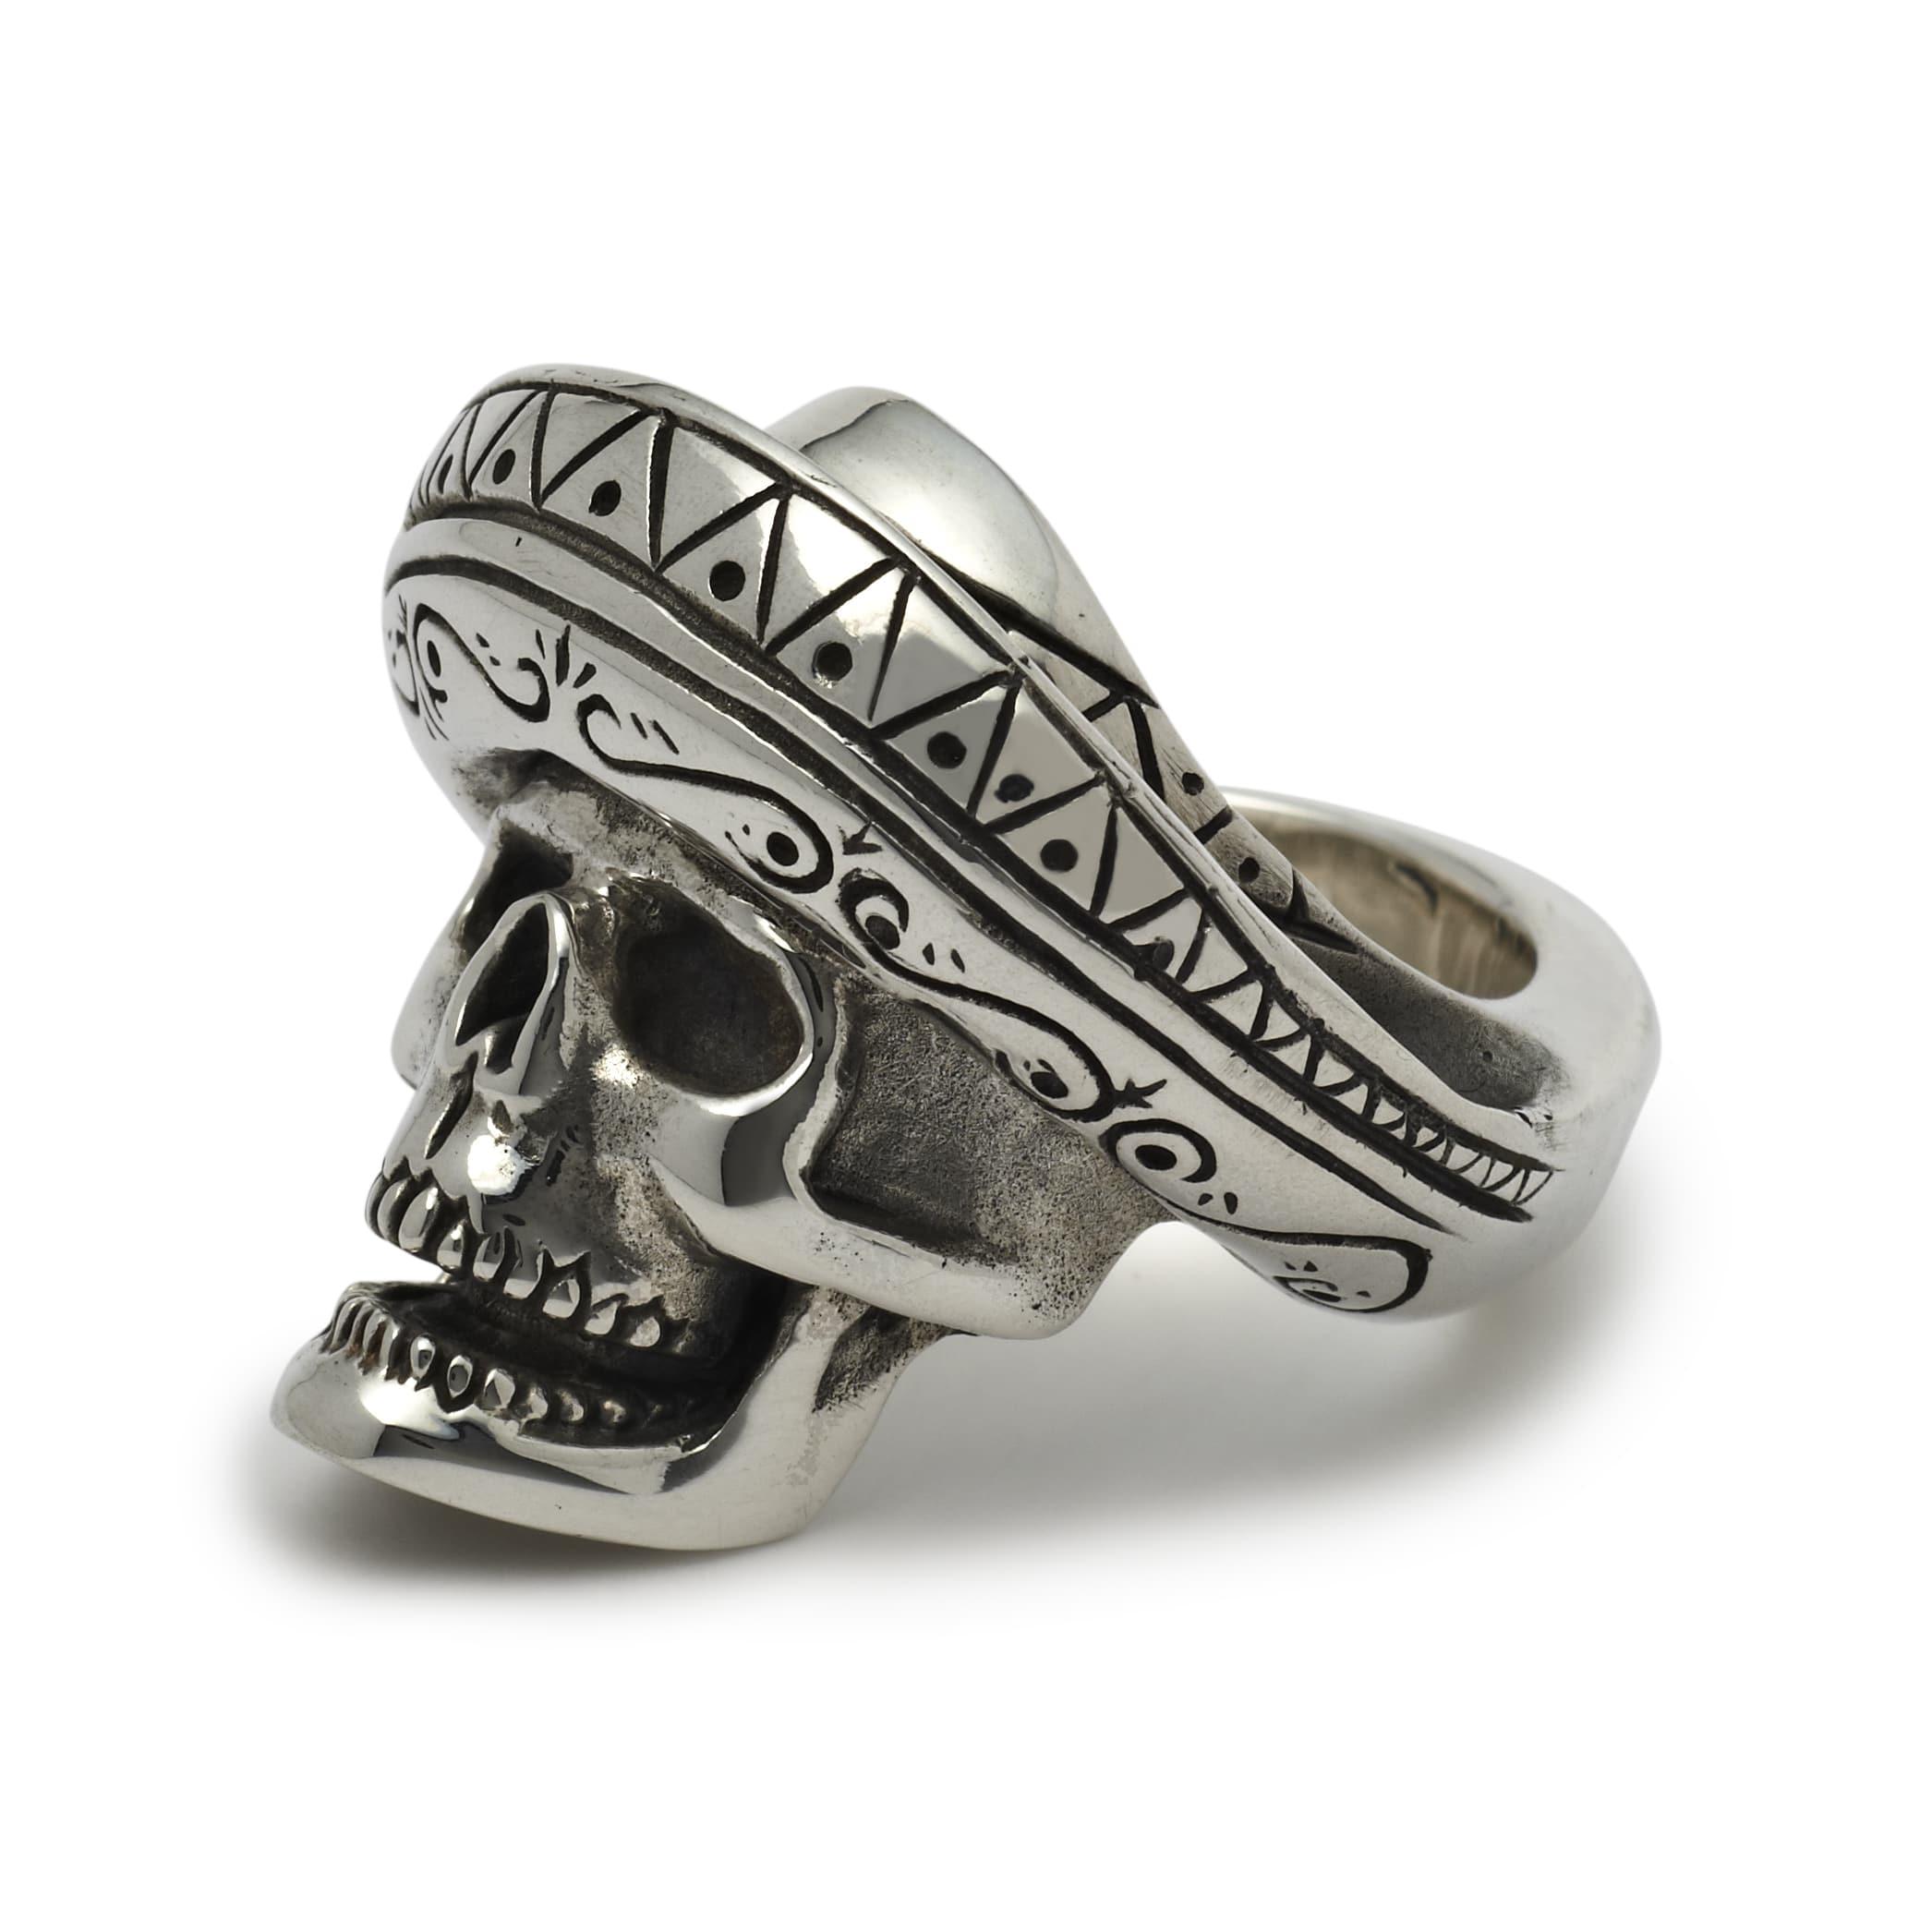 NEW: Desperado Skull Ring